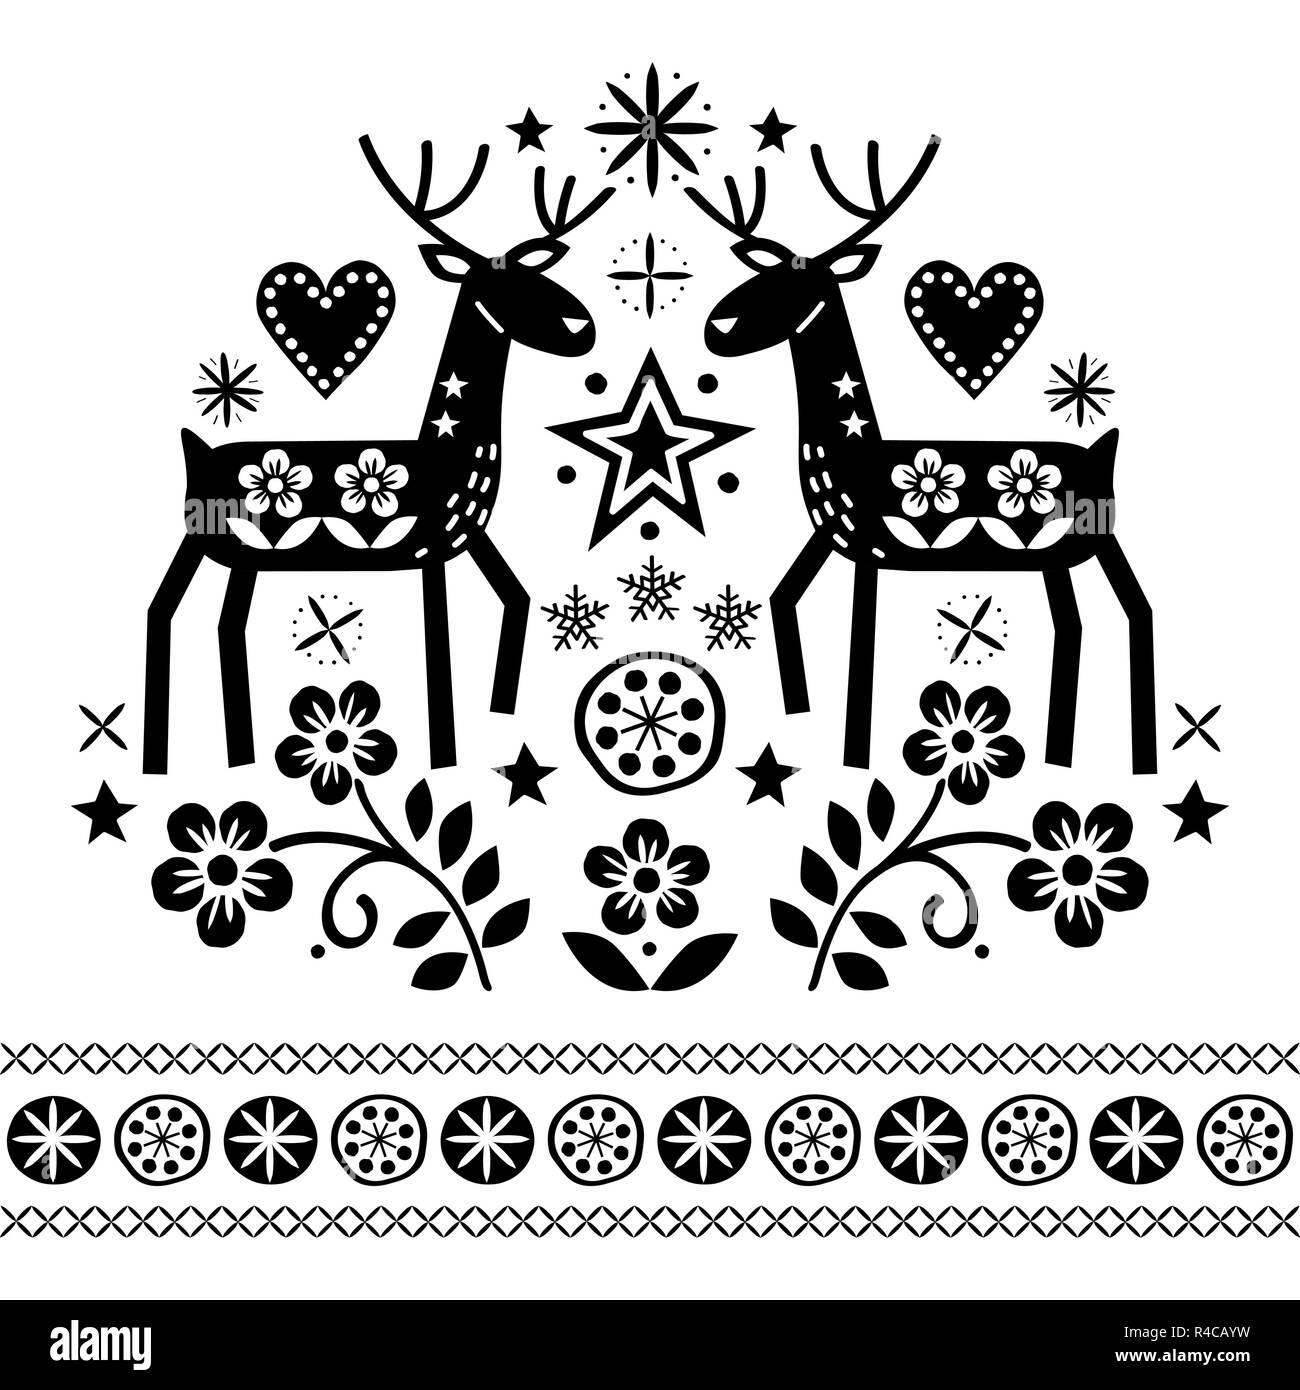 Vecteur Conception De Noël Avec Rennes Fleurs Art